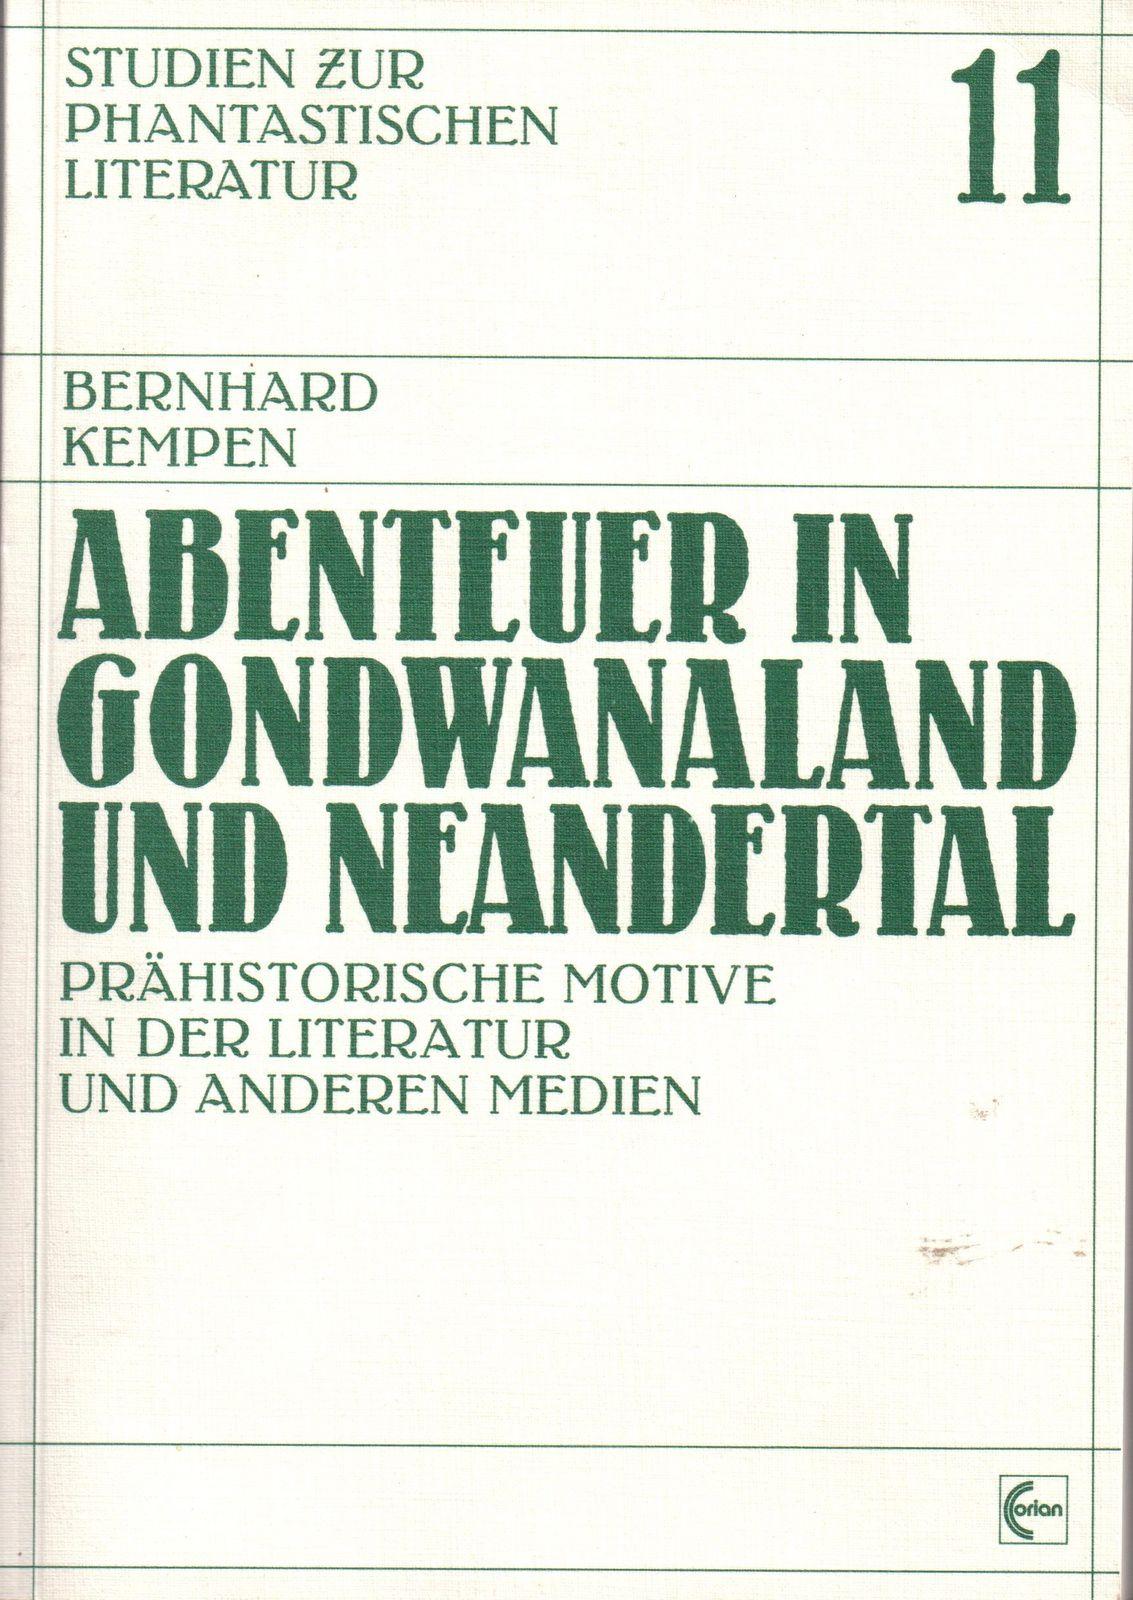 """Bernhard Kempen """"Abenteuer in Gondwanaland und Neandertal"""" (Corian - 1994)"""